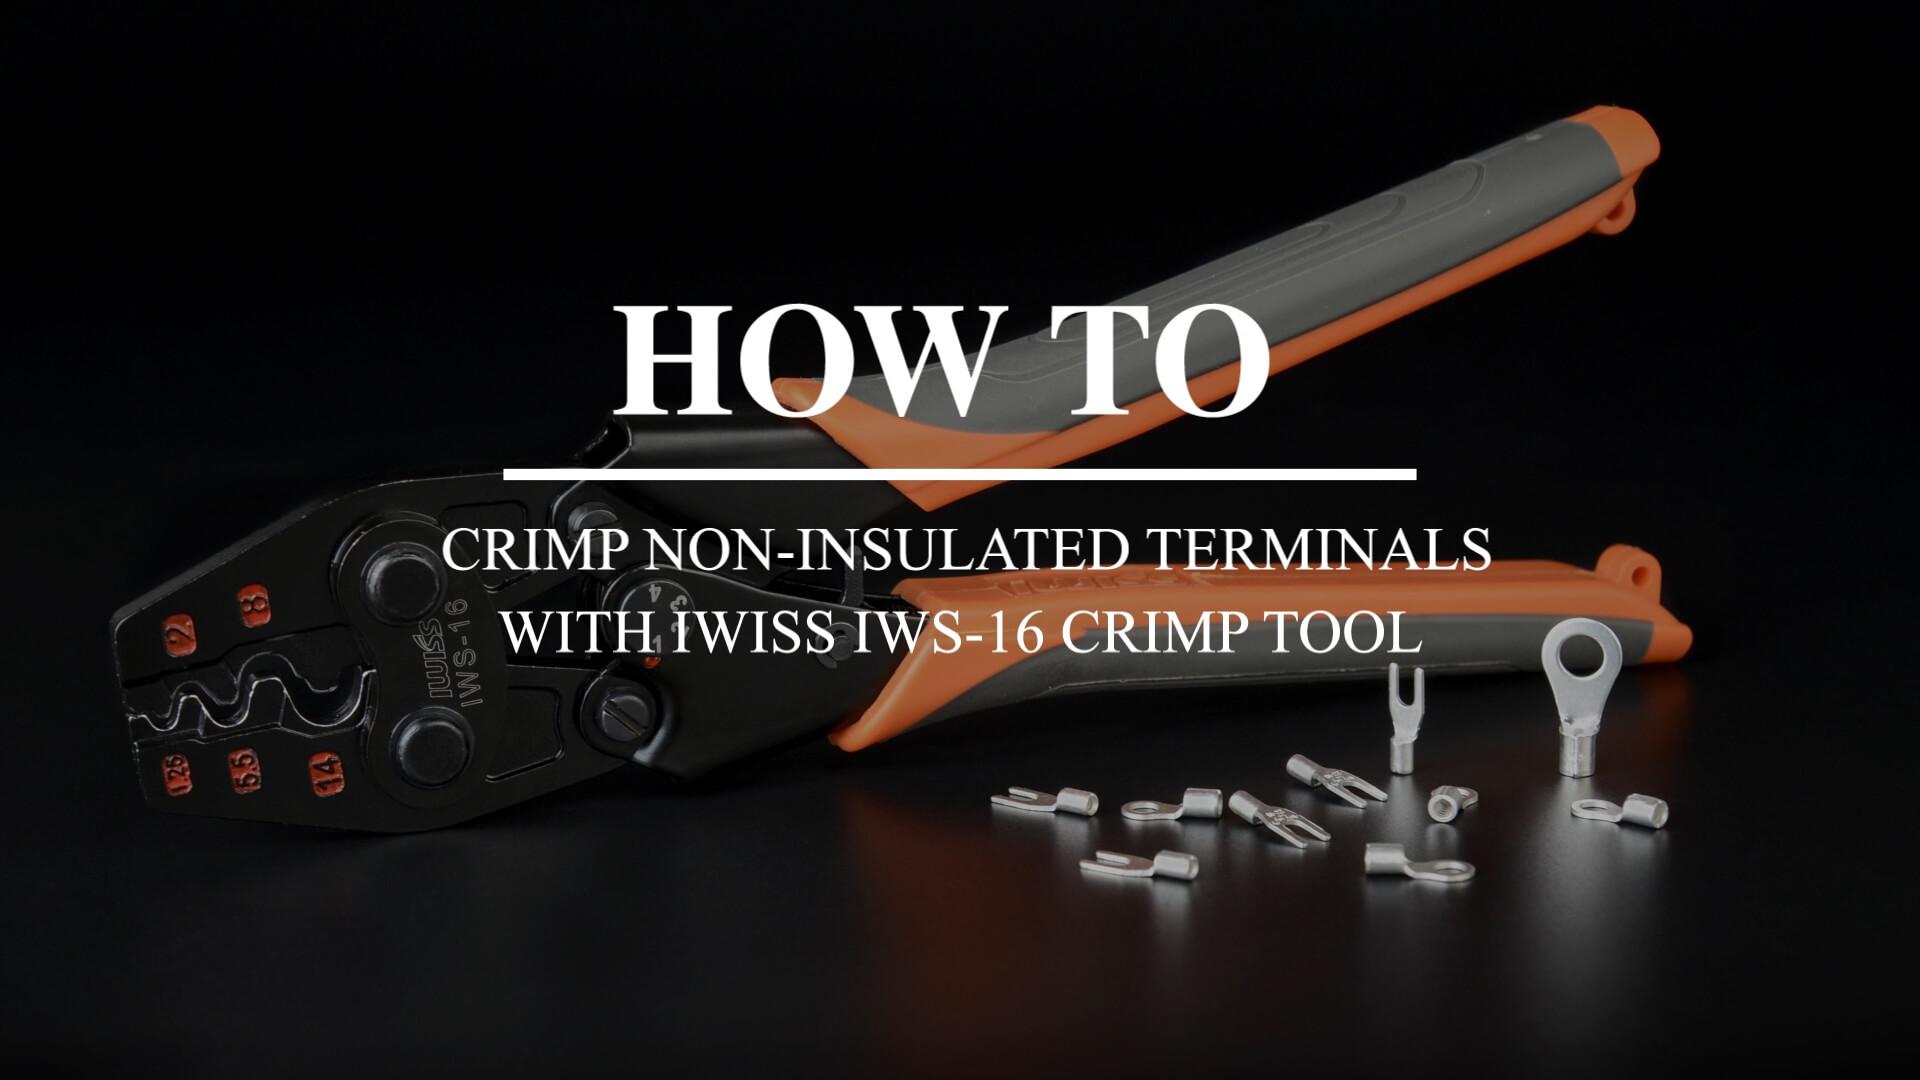 IWS-16 HERRAMIENTA DE CRIMPAR TERMINAL NO AISLADA